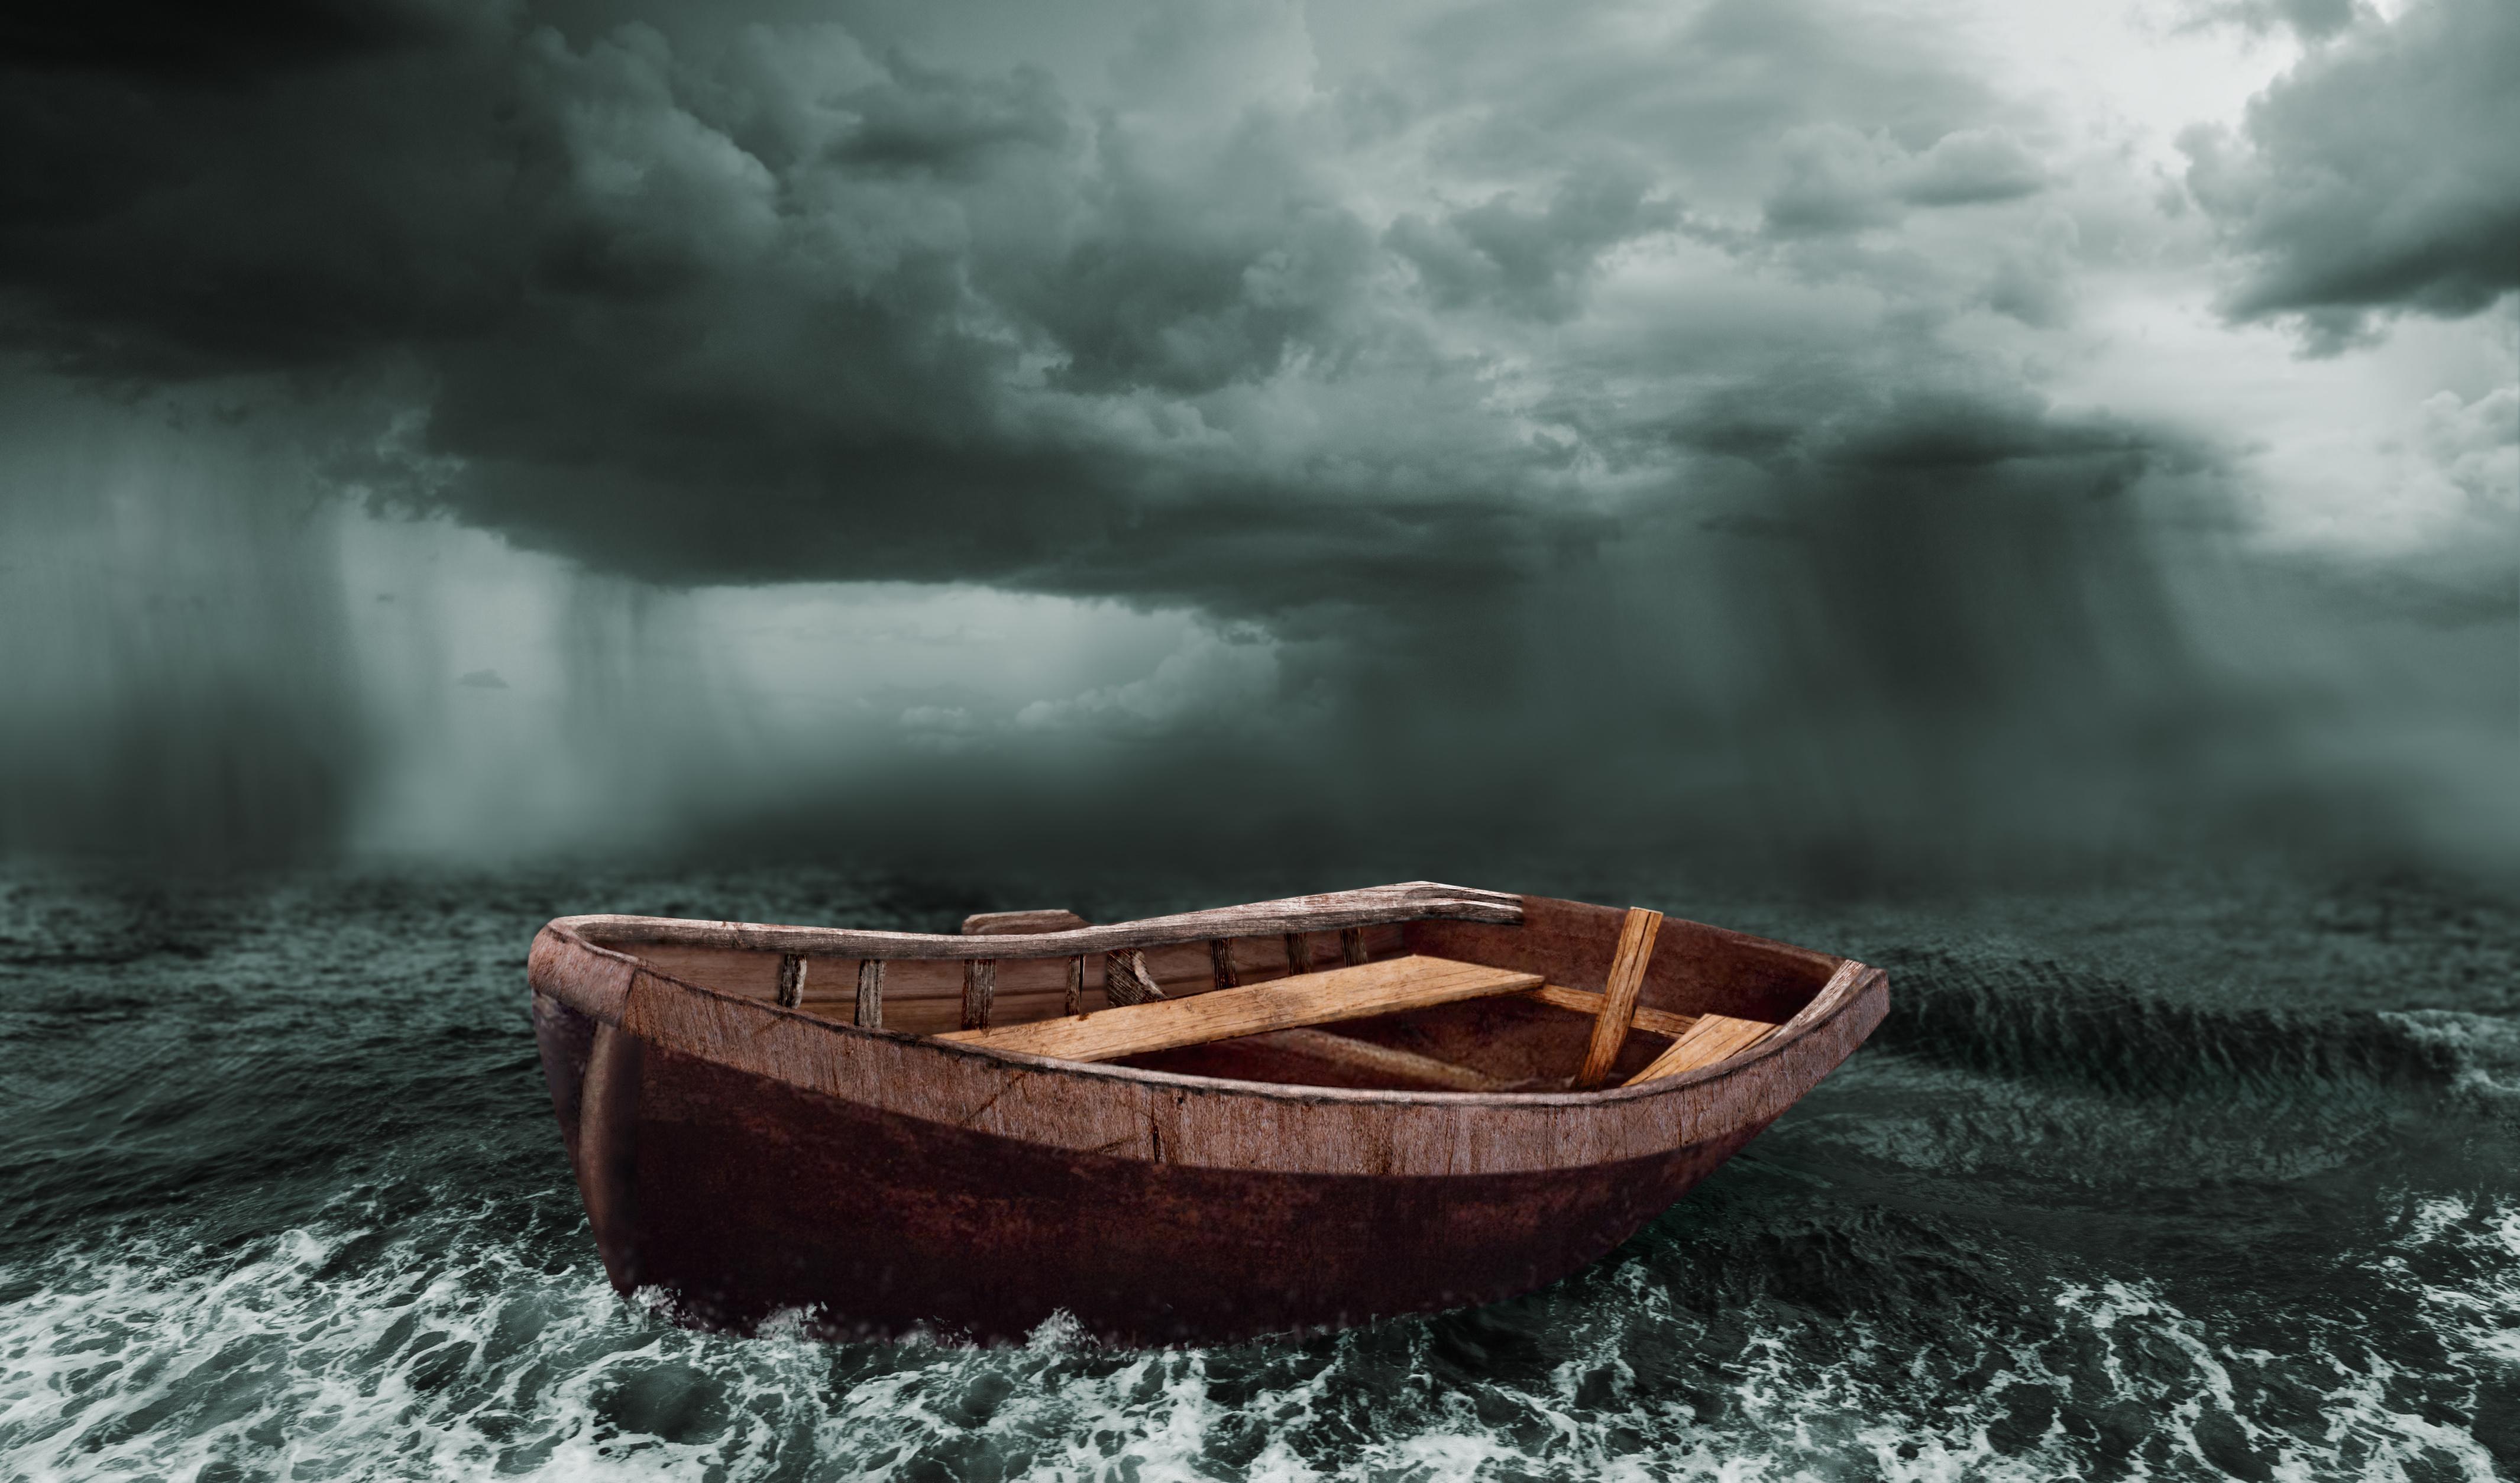 Приснилось плыть на металлической лодке с мотором — будьте готовы к быстрому принятию решений и к немедленным действиям.